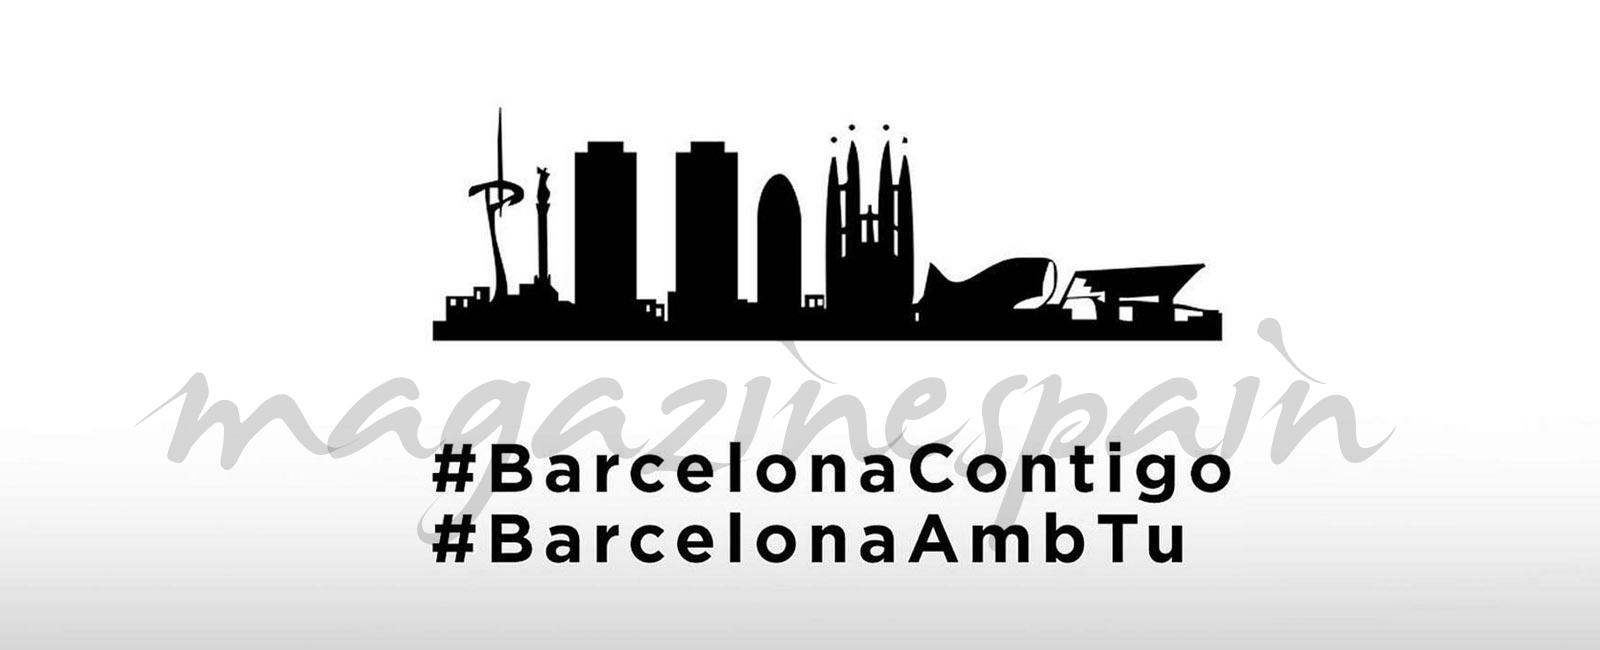 Las redes sociales se solidarizan con Barcelona